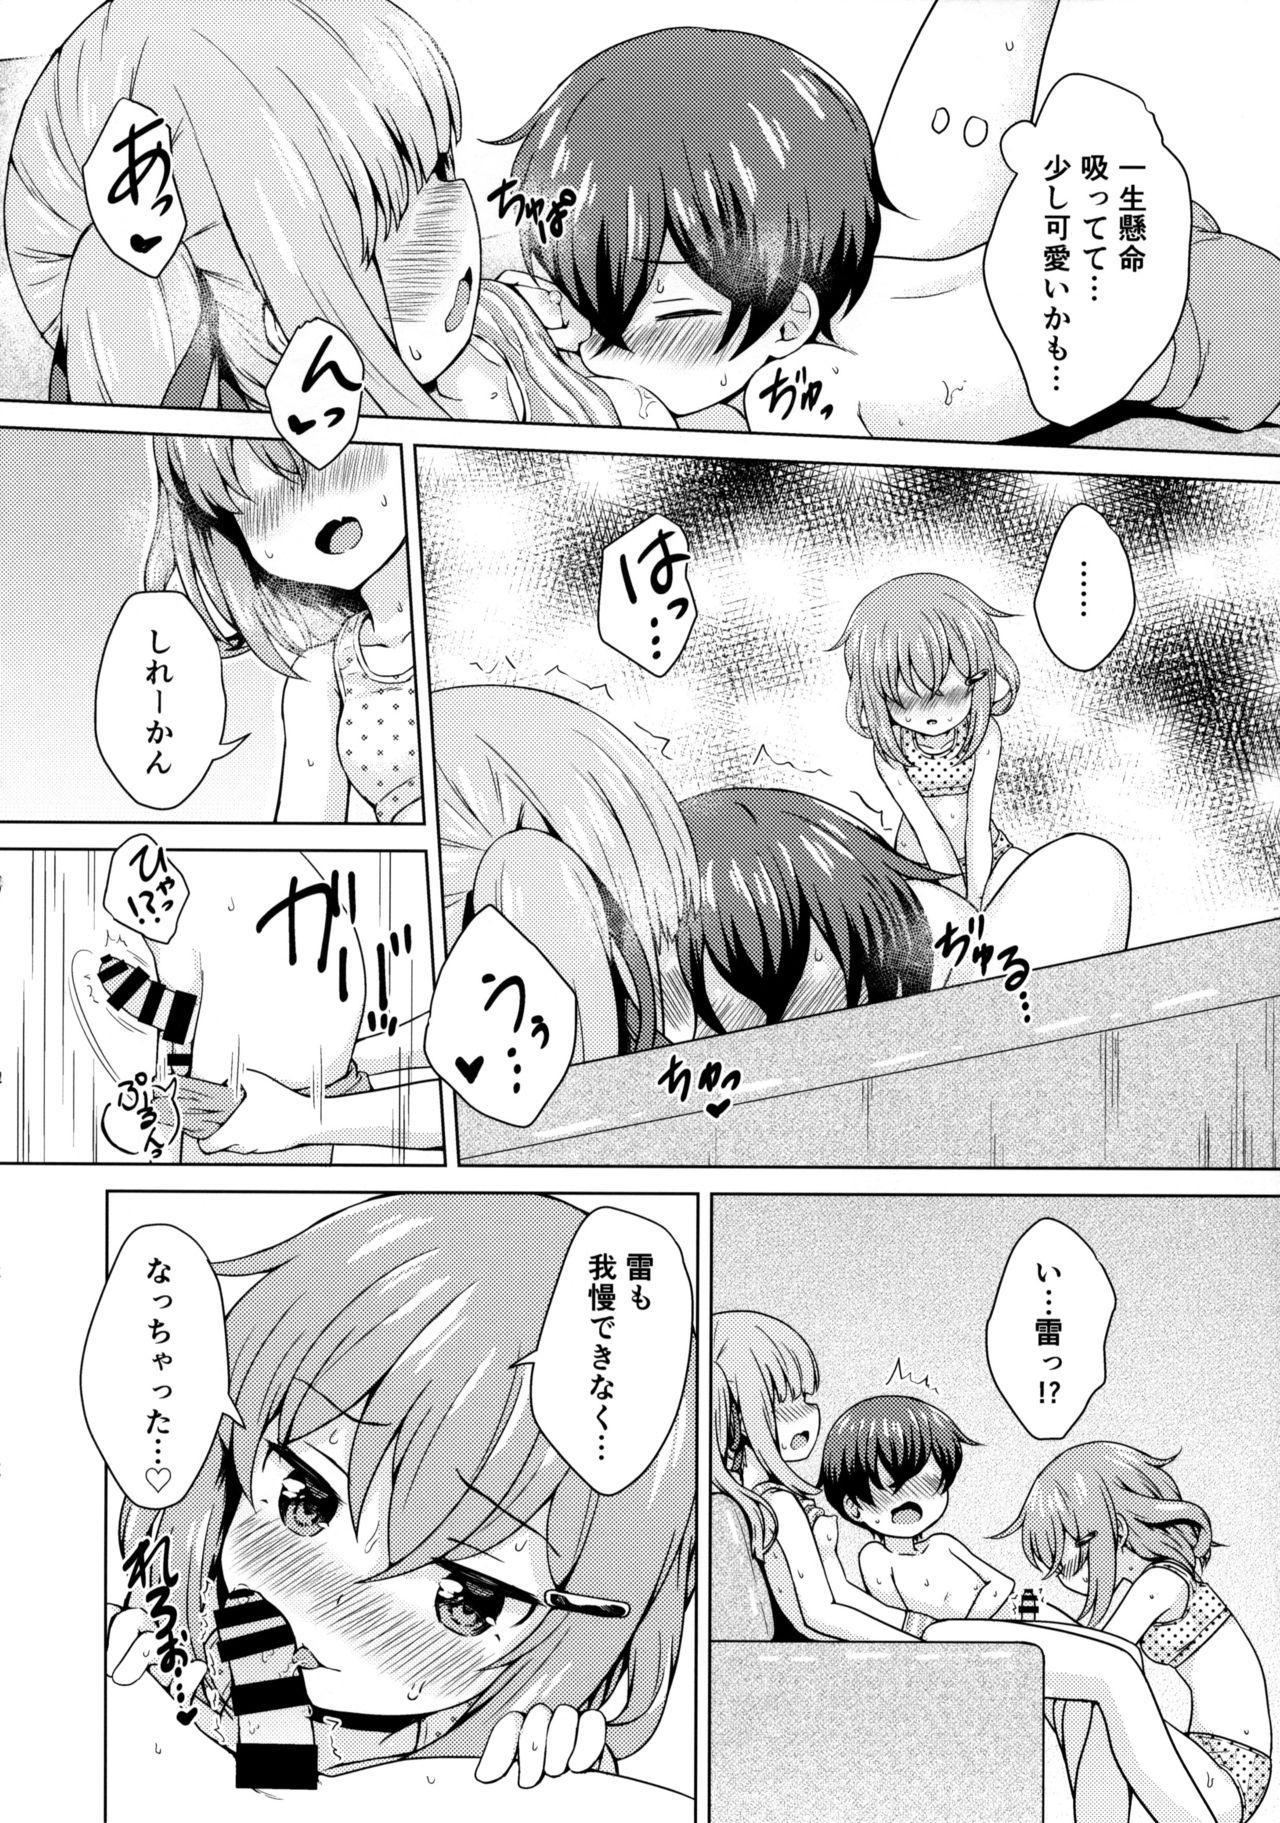 Ikazuchi x Kasumi x Shota Teitoku no 3P Ecchi Hon 12